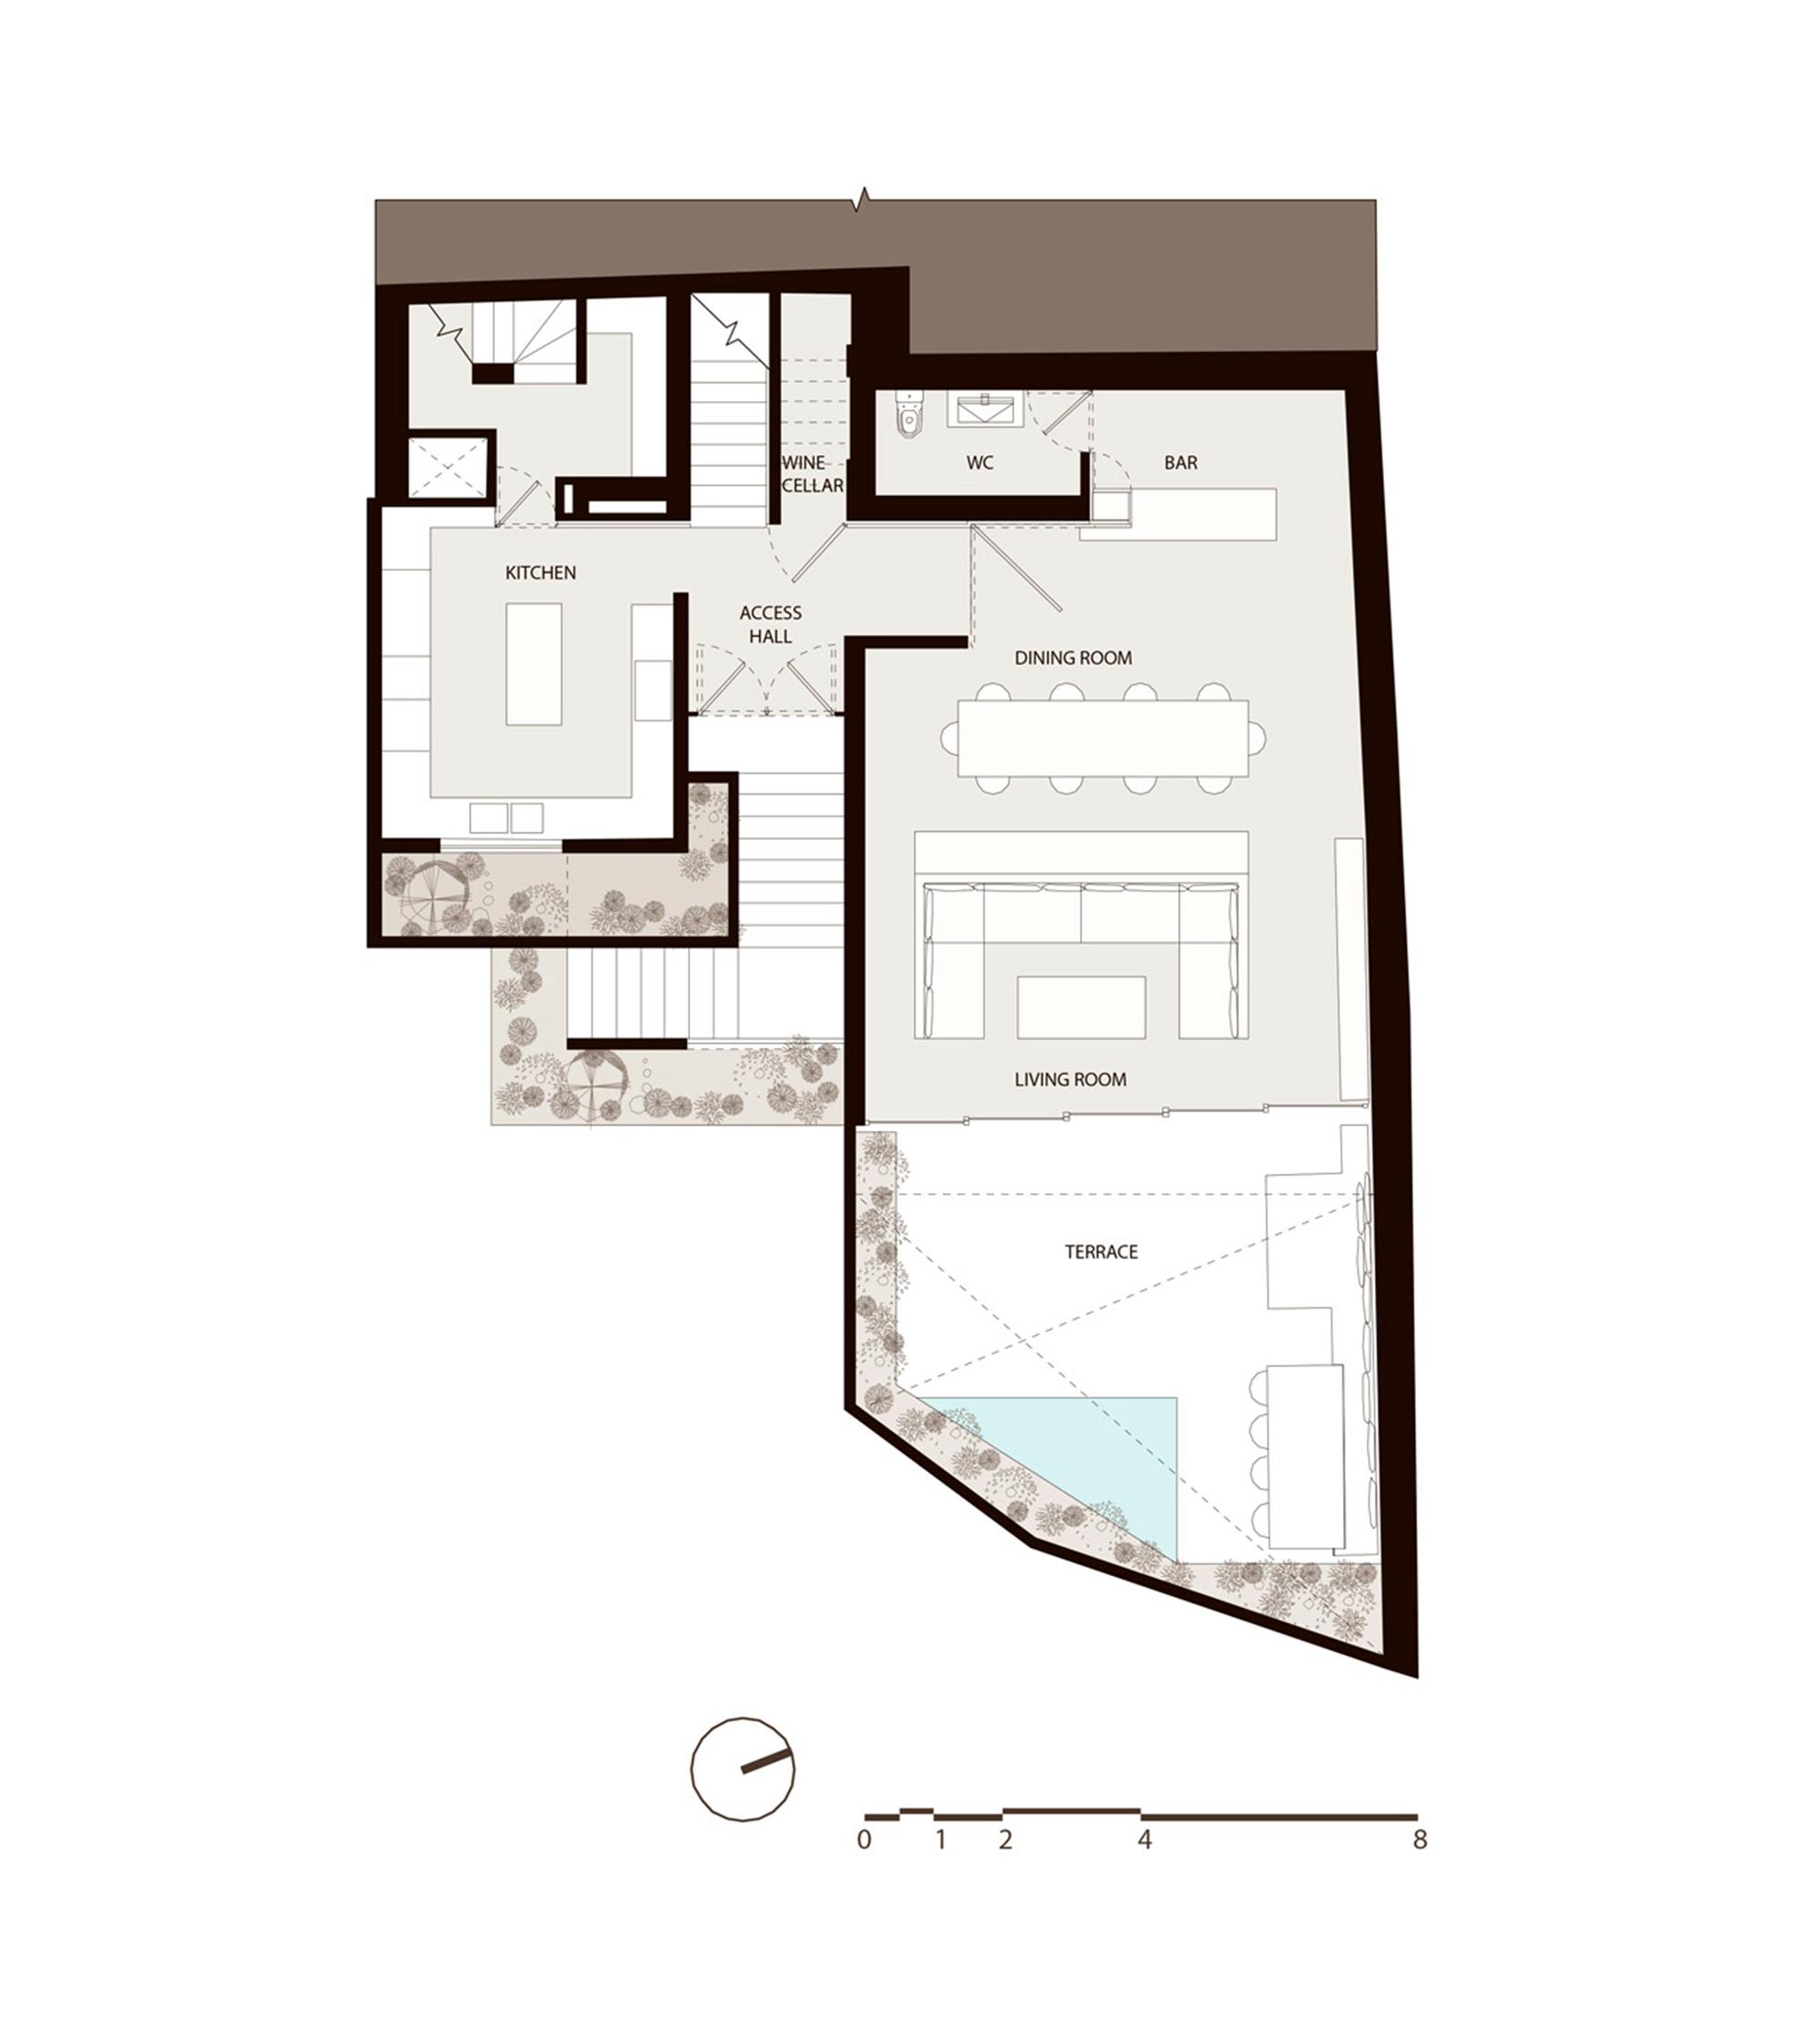 Barrancas-House-In-Mexico-City-Mexico-25